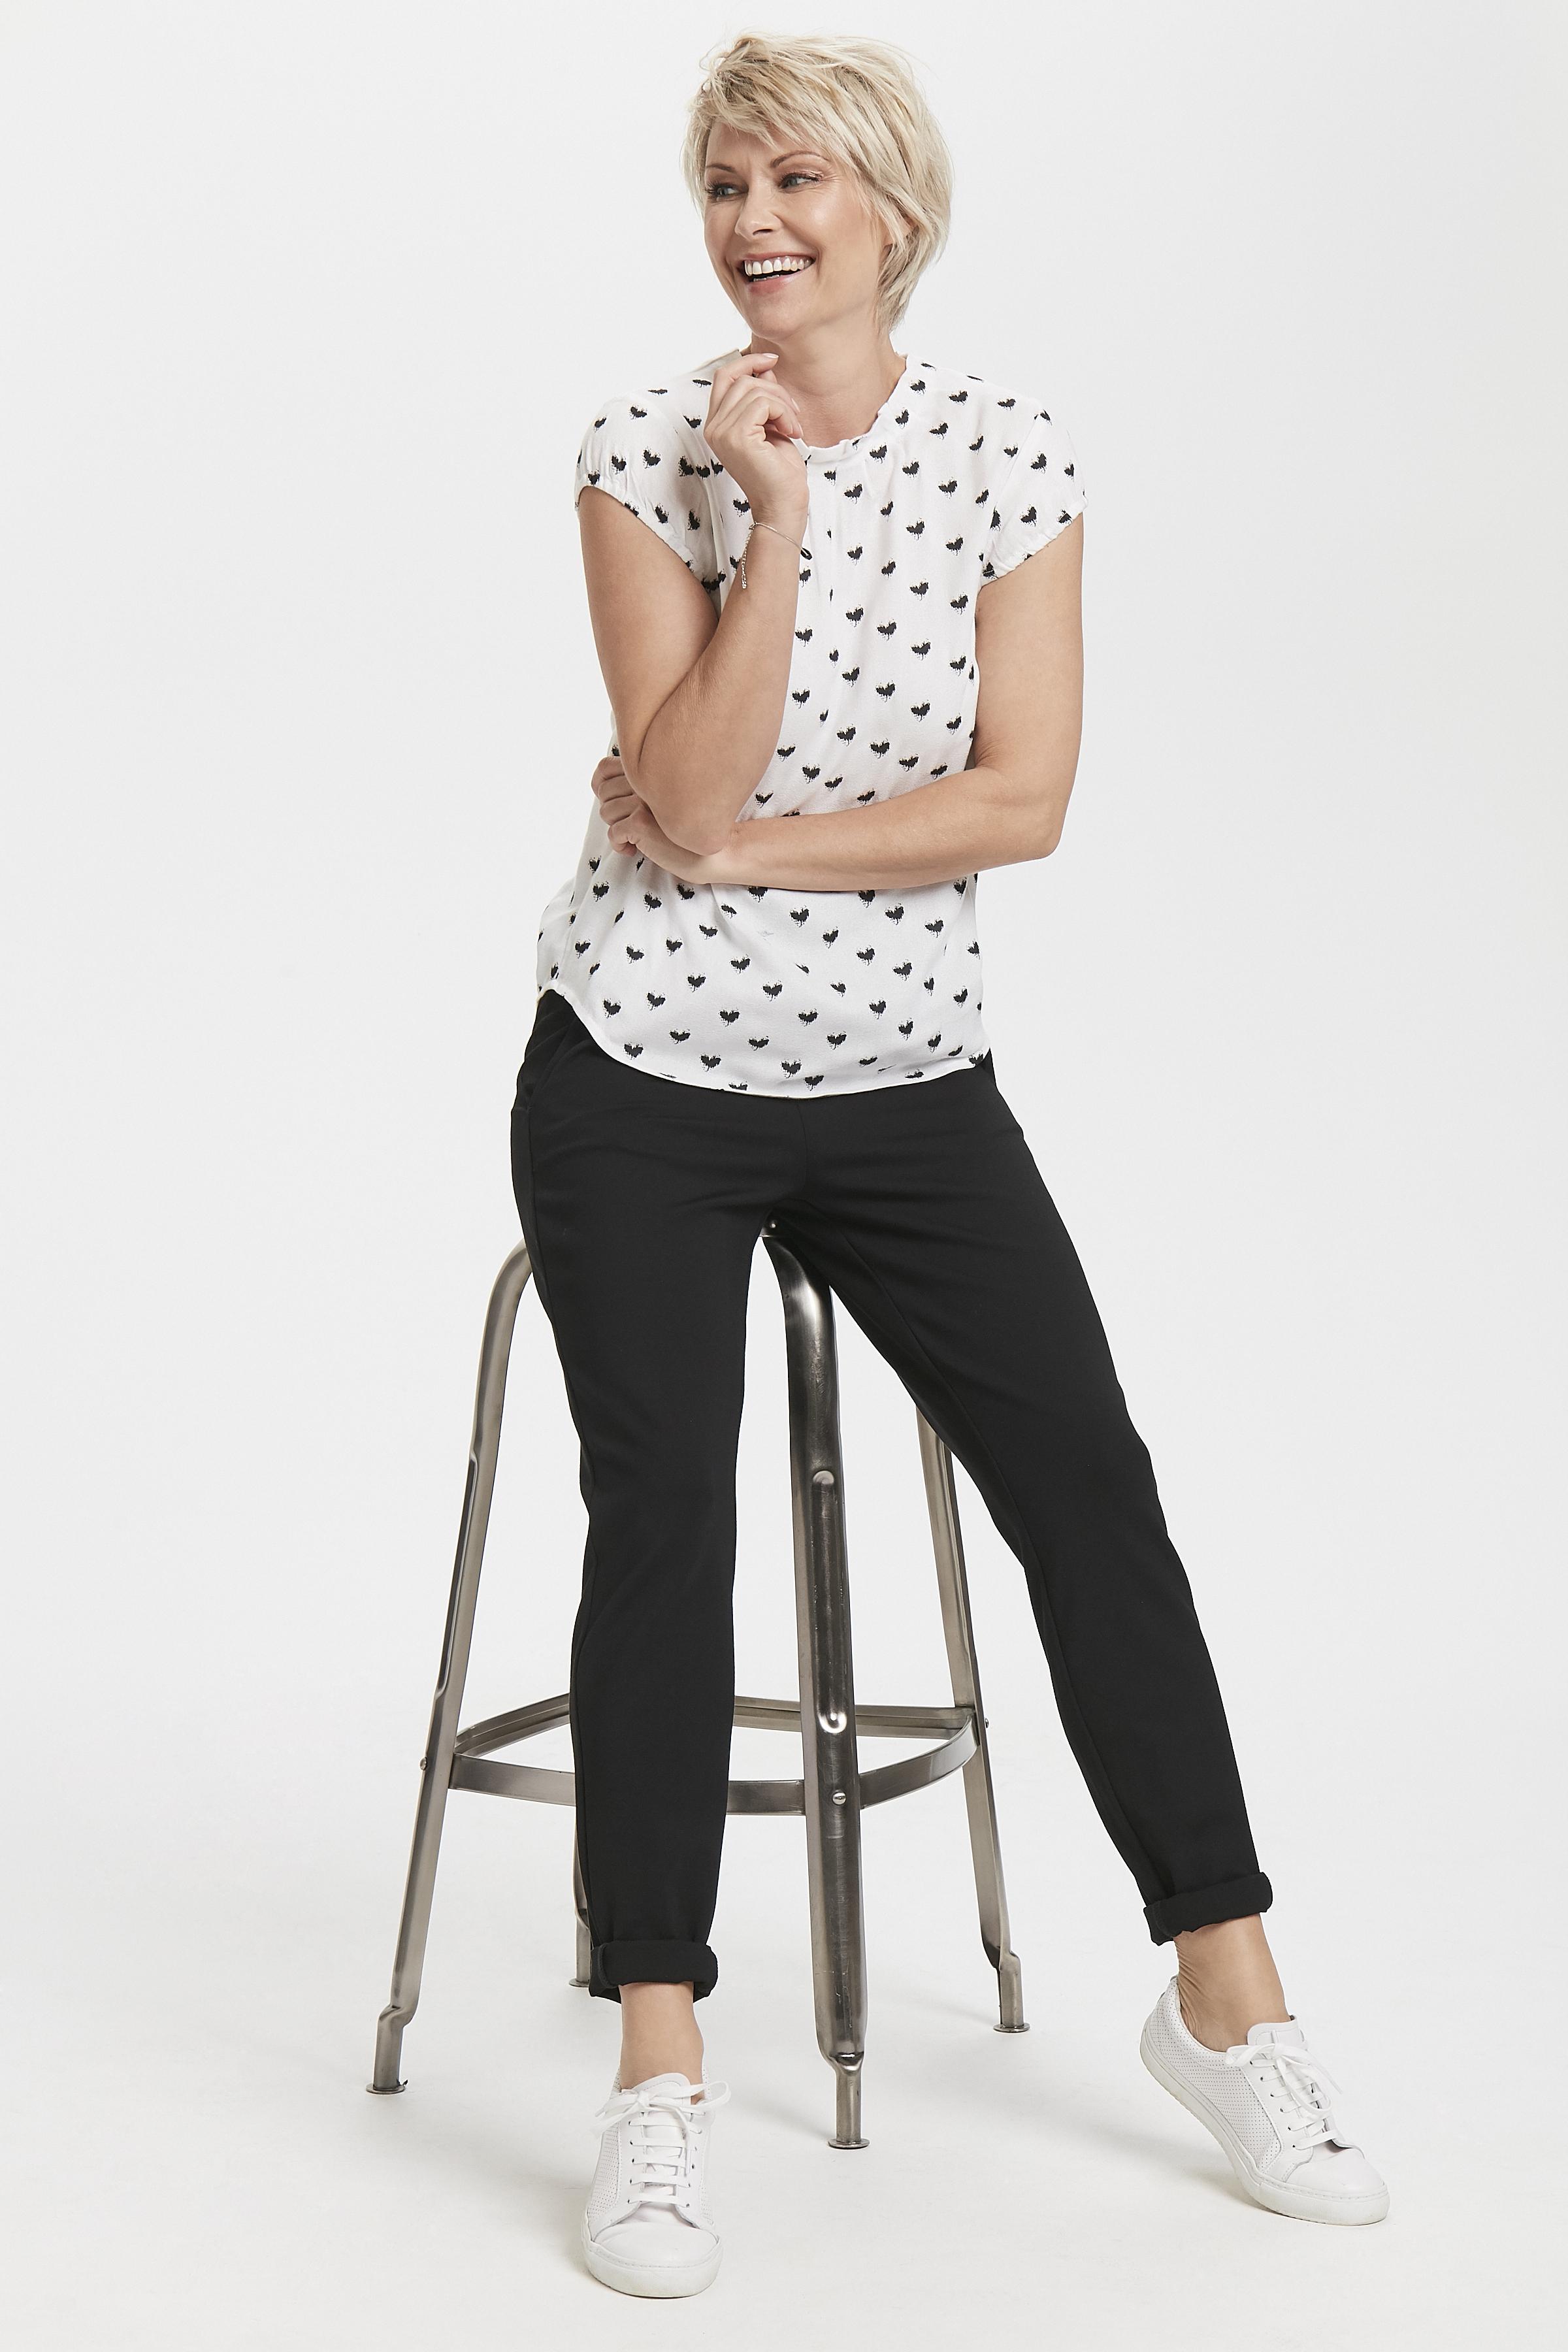 Wollweiß/schwarz Kurzarm-Bluse  von Bon'A Parte – Shoppen Sie Wollweiß/schwarz Kurzarm-Bluse  ab Gr. S-2XL hier